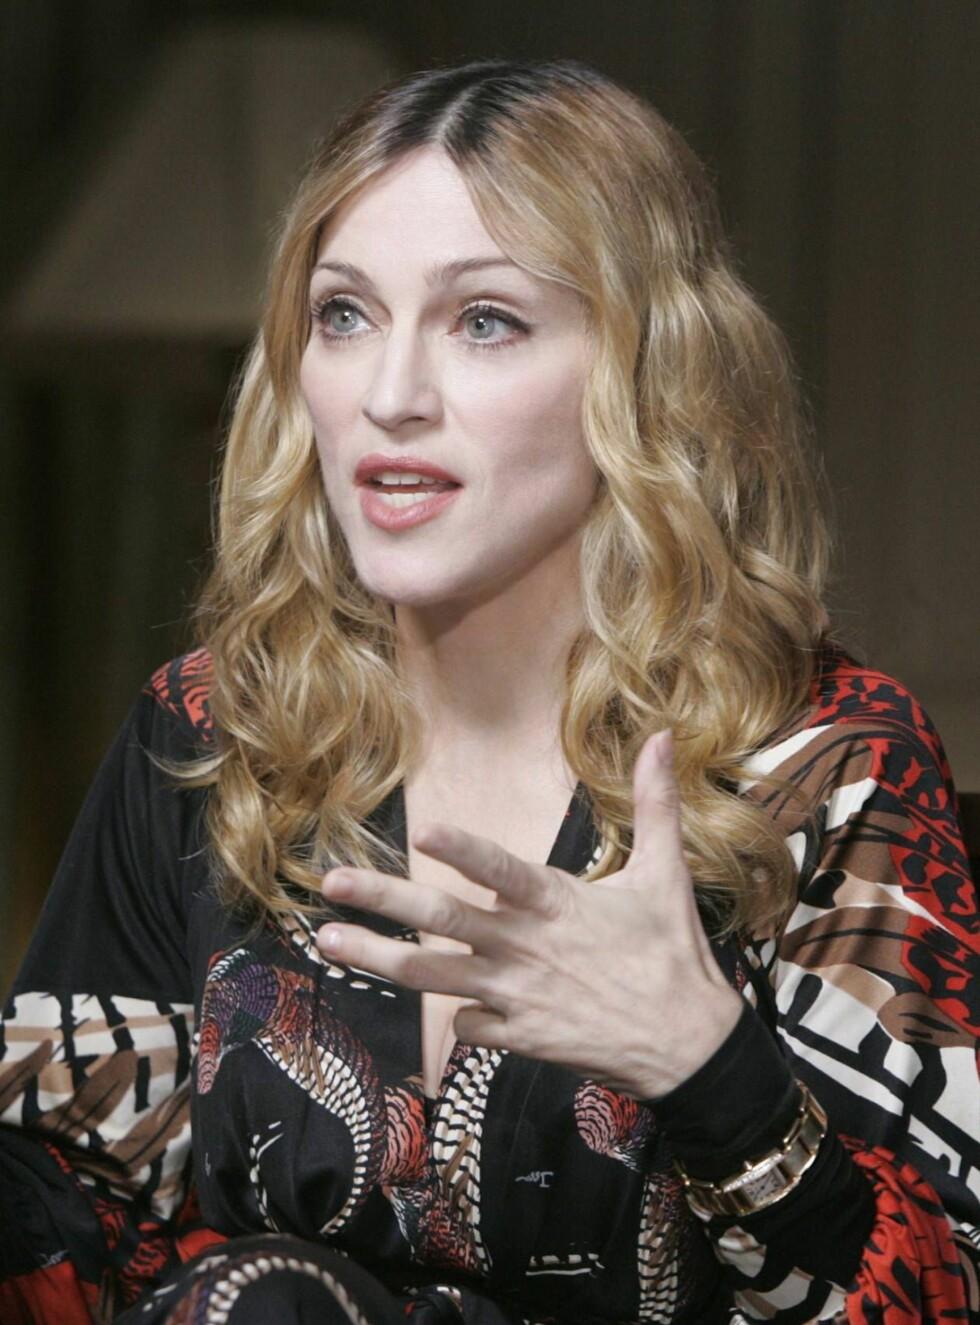 KJEMPET: Madonna ville svært gjerne gi adoptivsønnen David en malawisk søster ...  Foto: AP/Scanpix